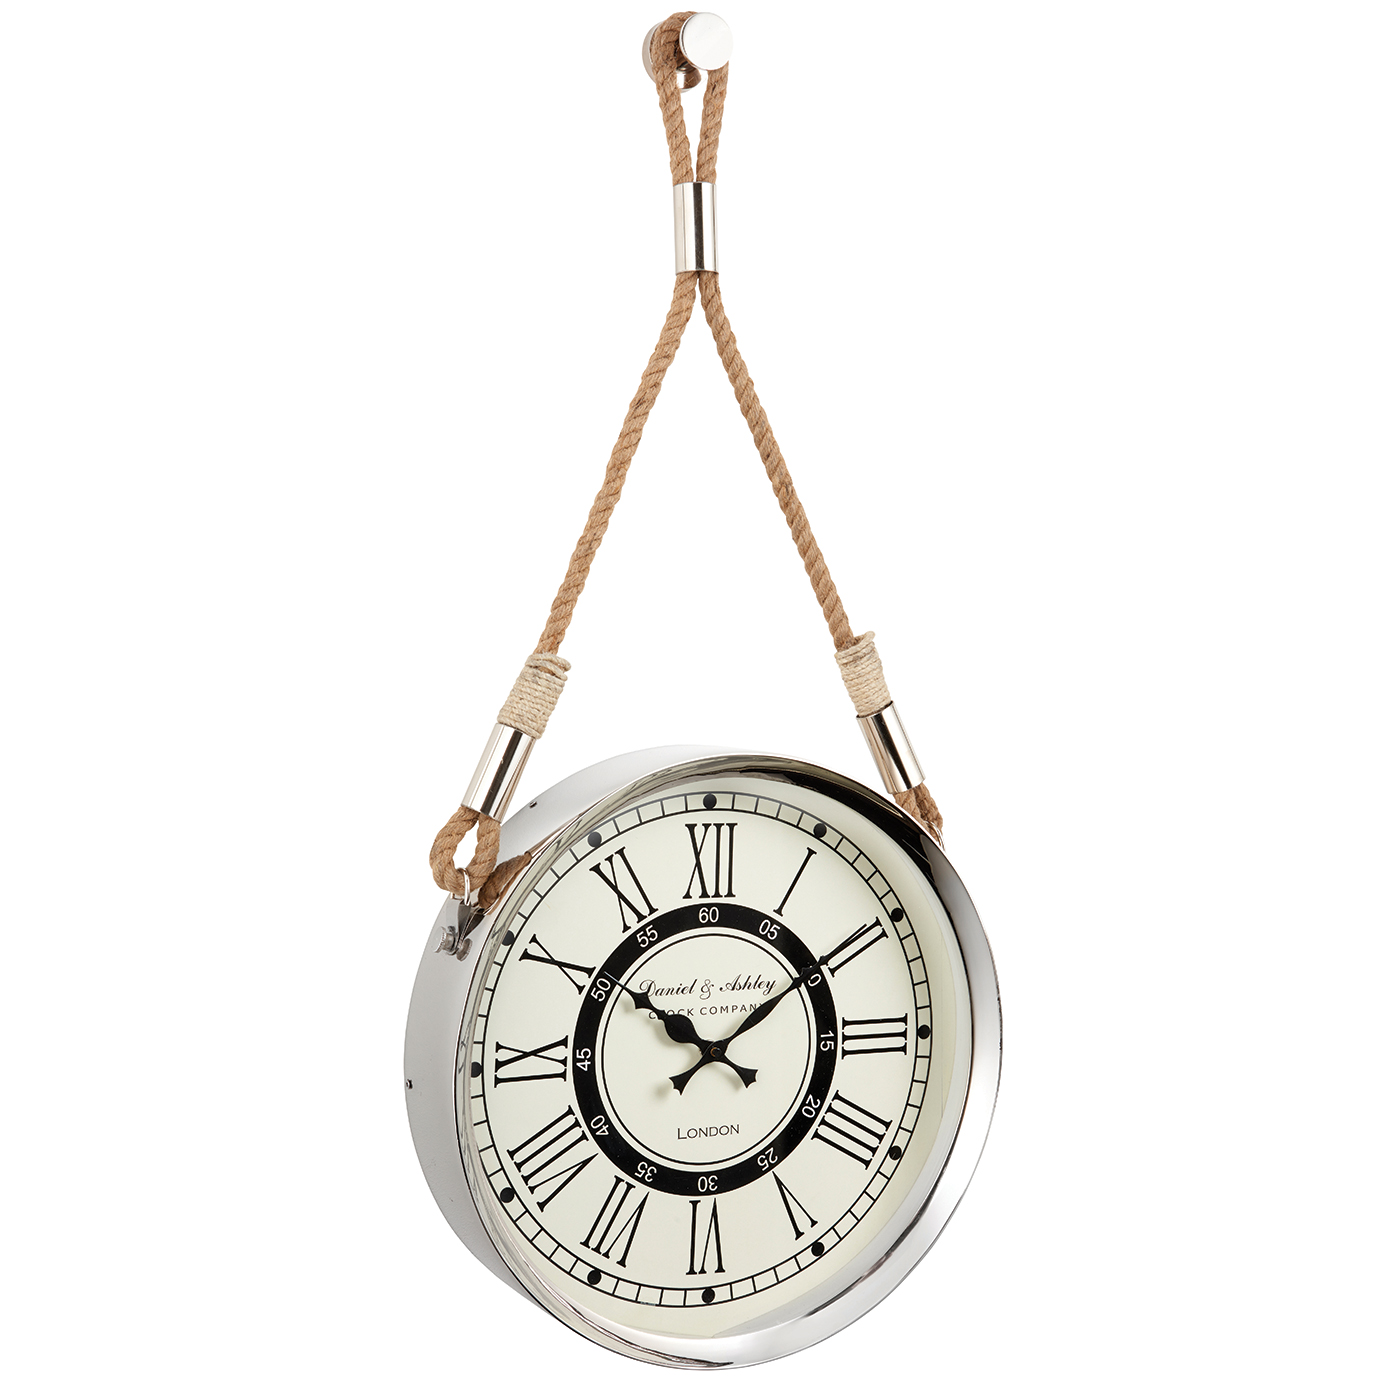 endon kramer wall clock polished nickel plate rope h. Black Bedroom Furniture Sets. Home Design Ideas